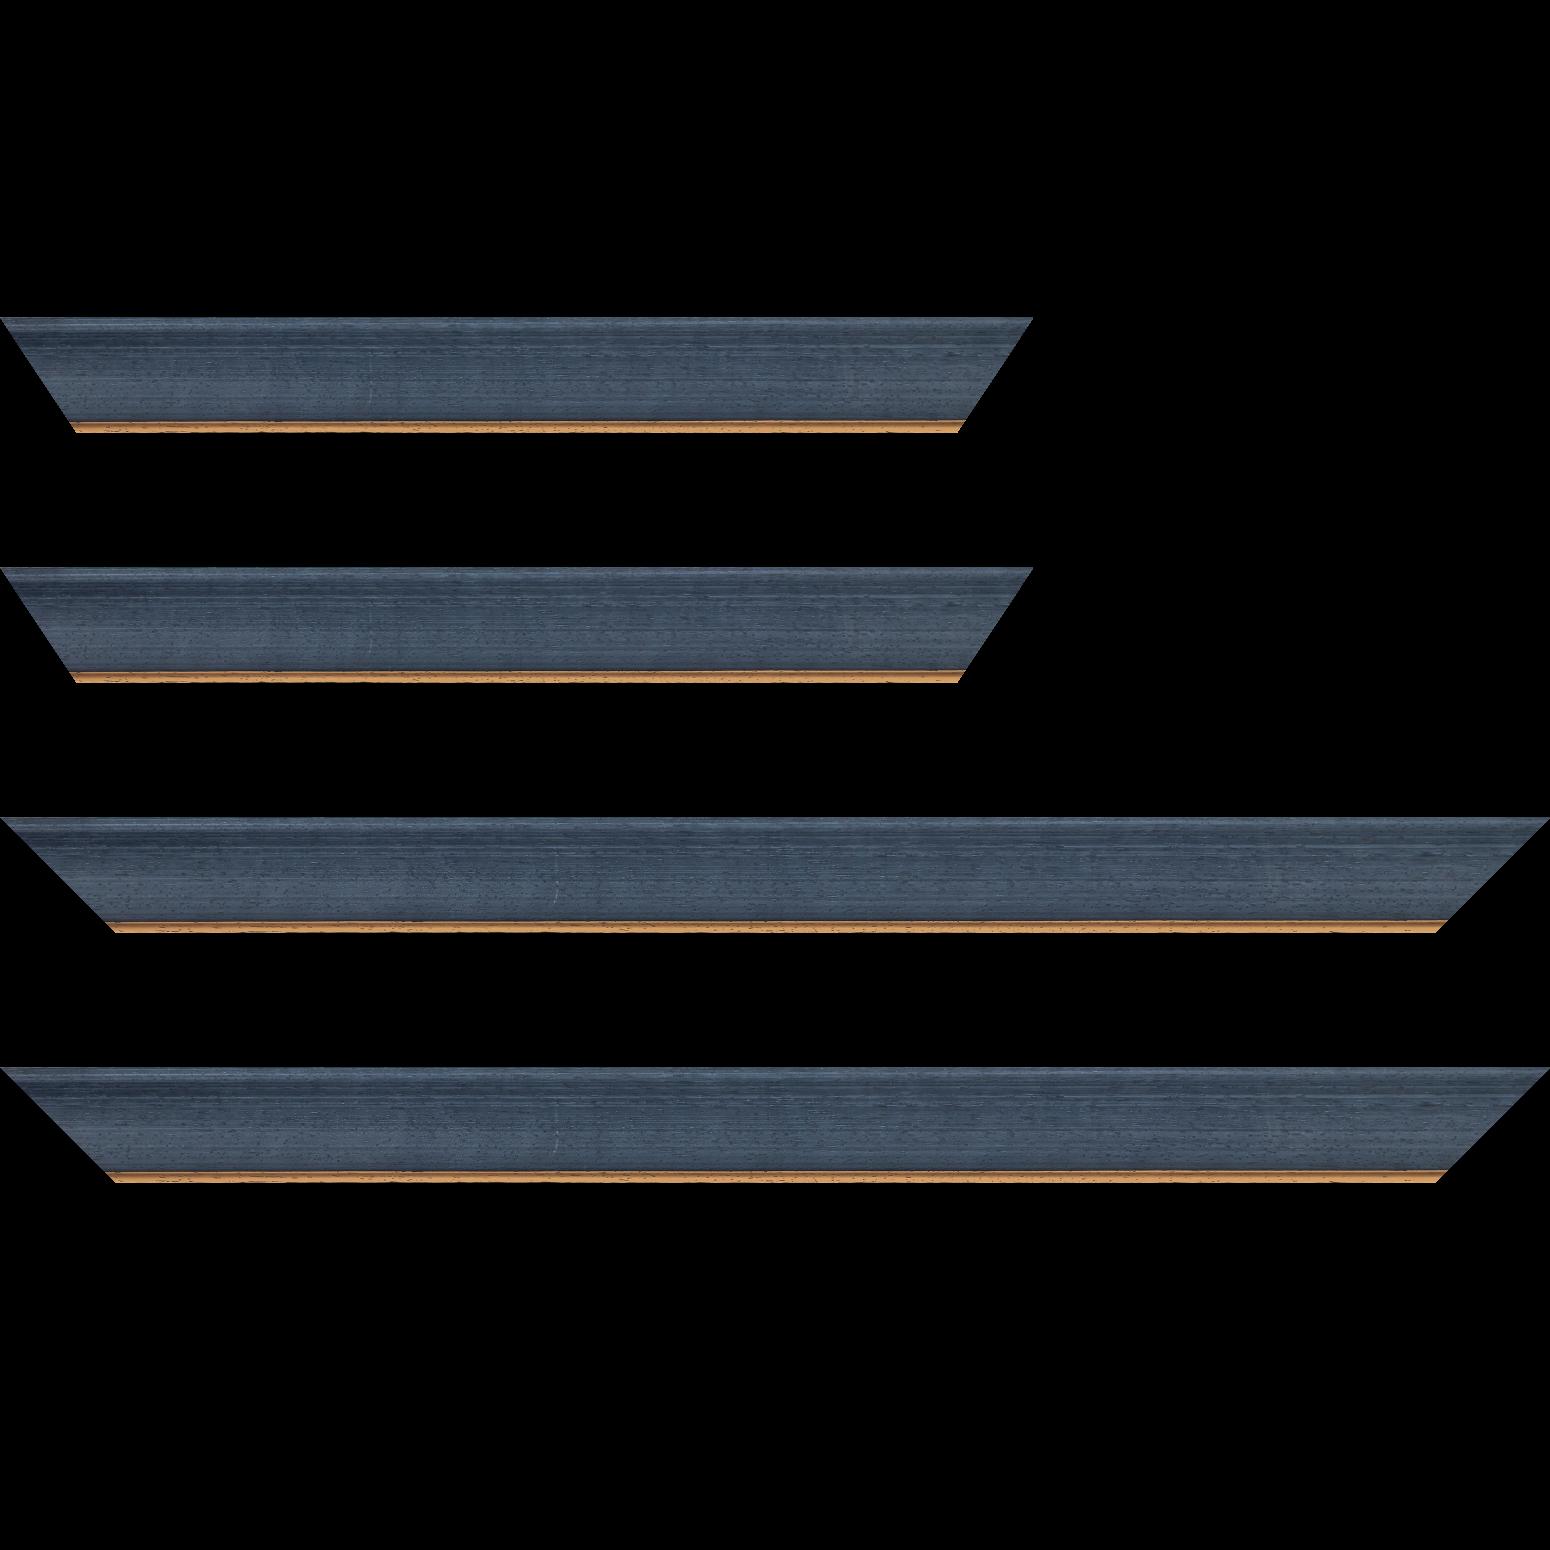 Baguette service précoupé Bois profil incurvé largeur 3.9cm couleur bleu pétrole  satiné filet or